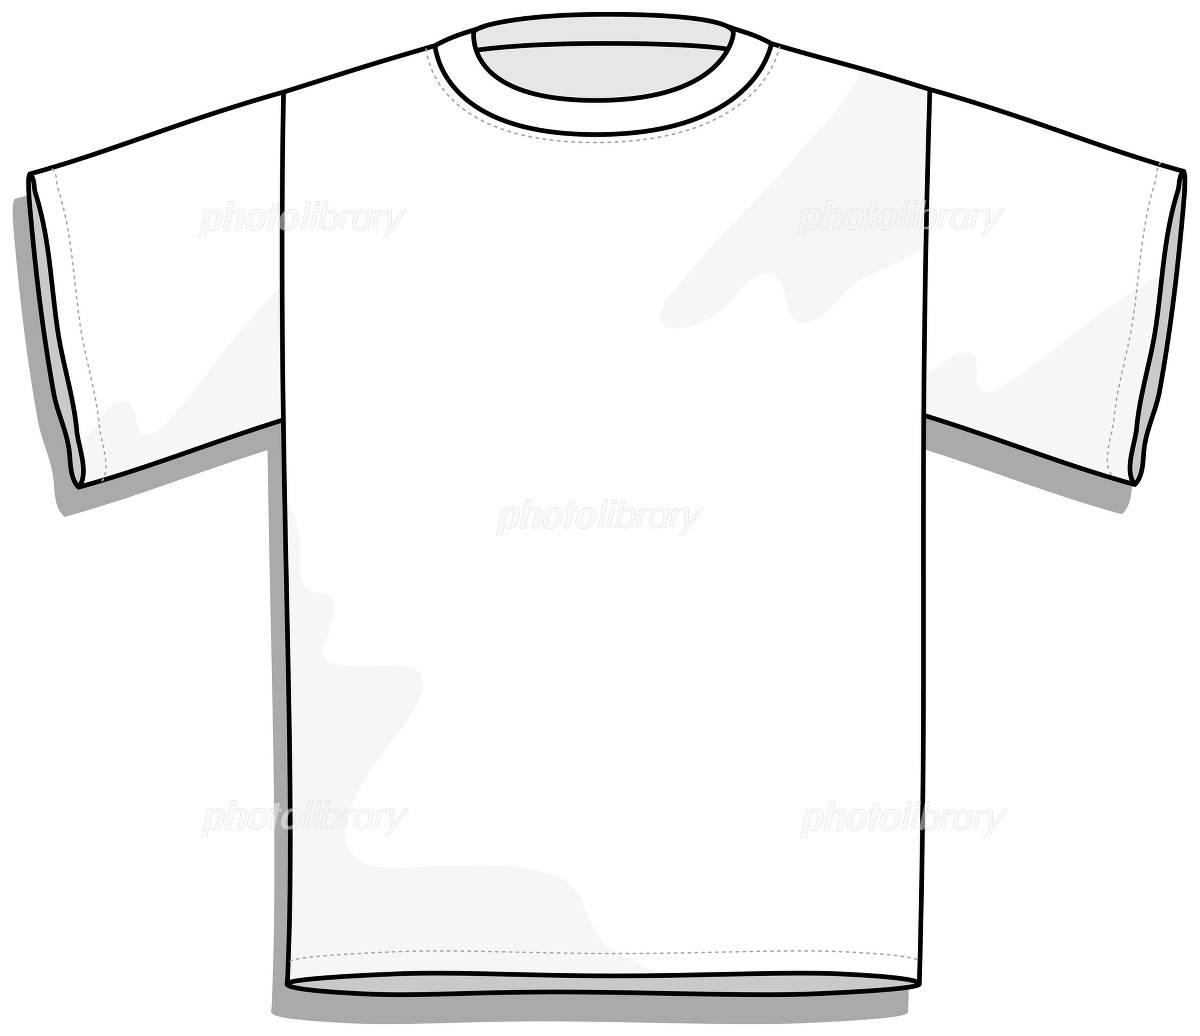 洗いざらしのtシャツ イラスト素材 1001463 フォトライブラリー